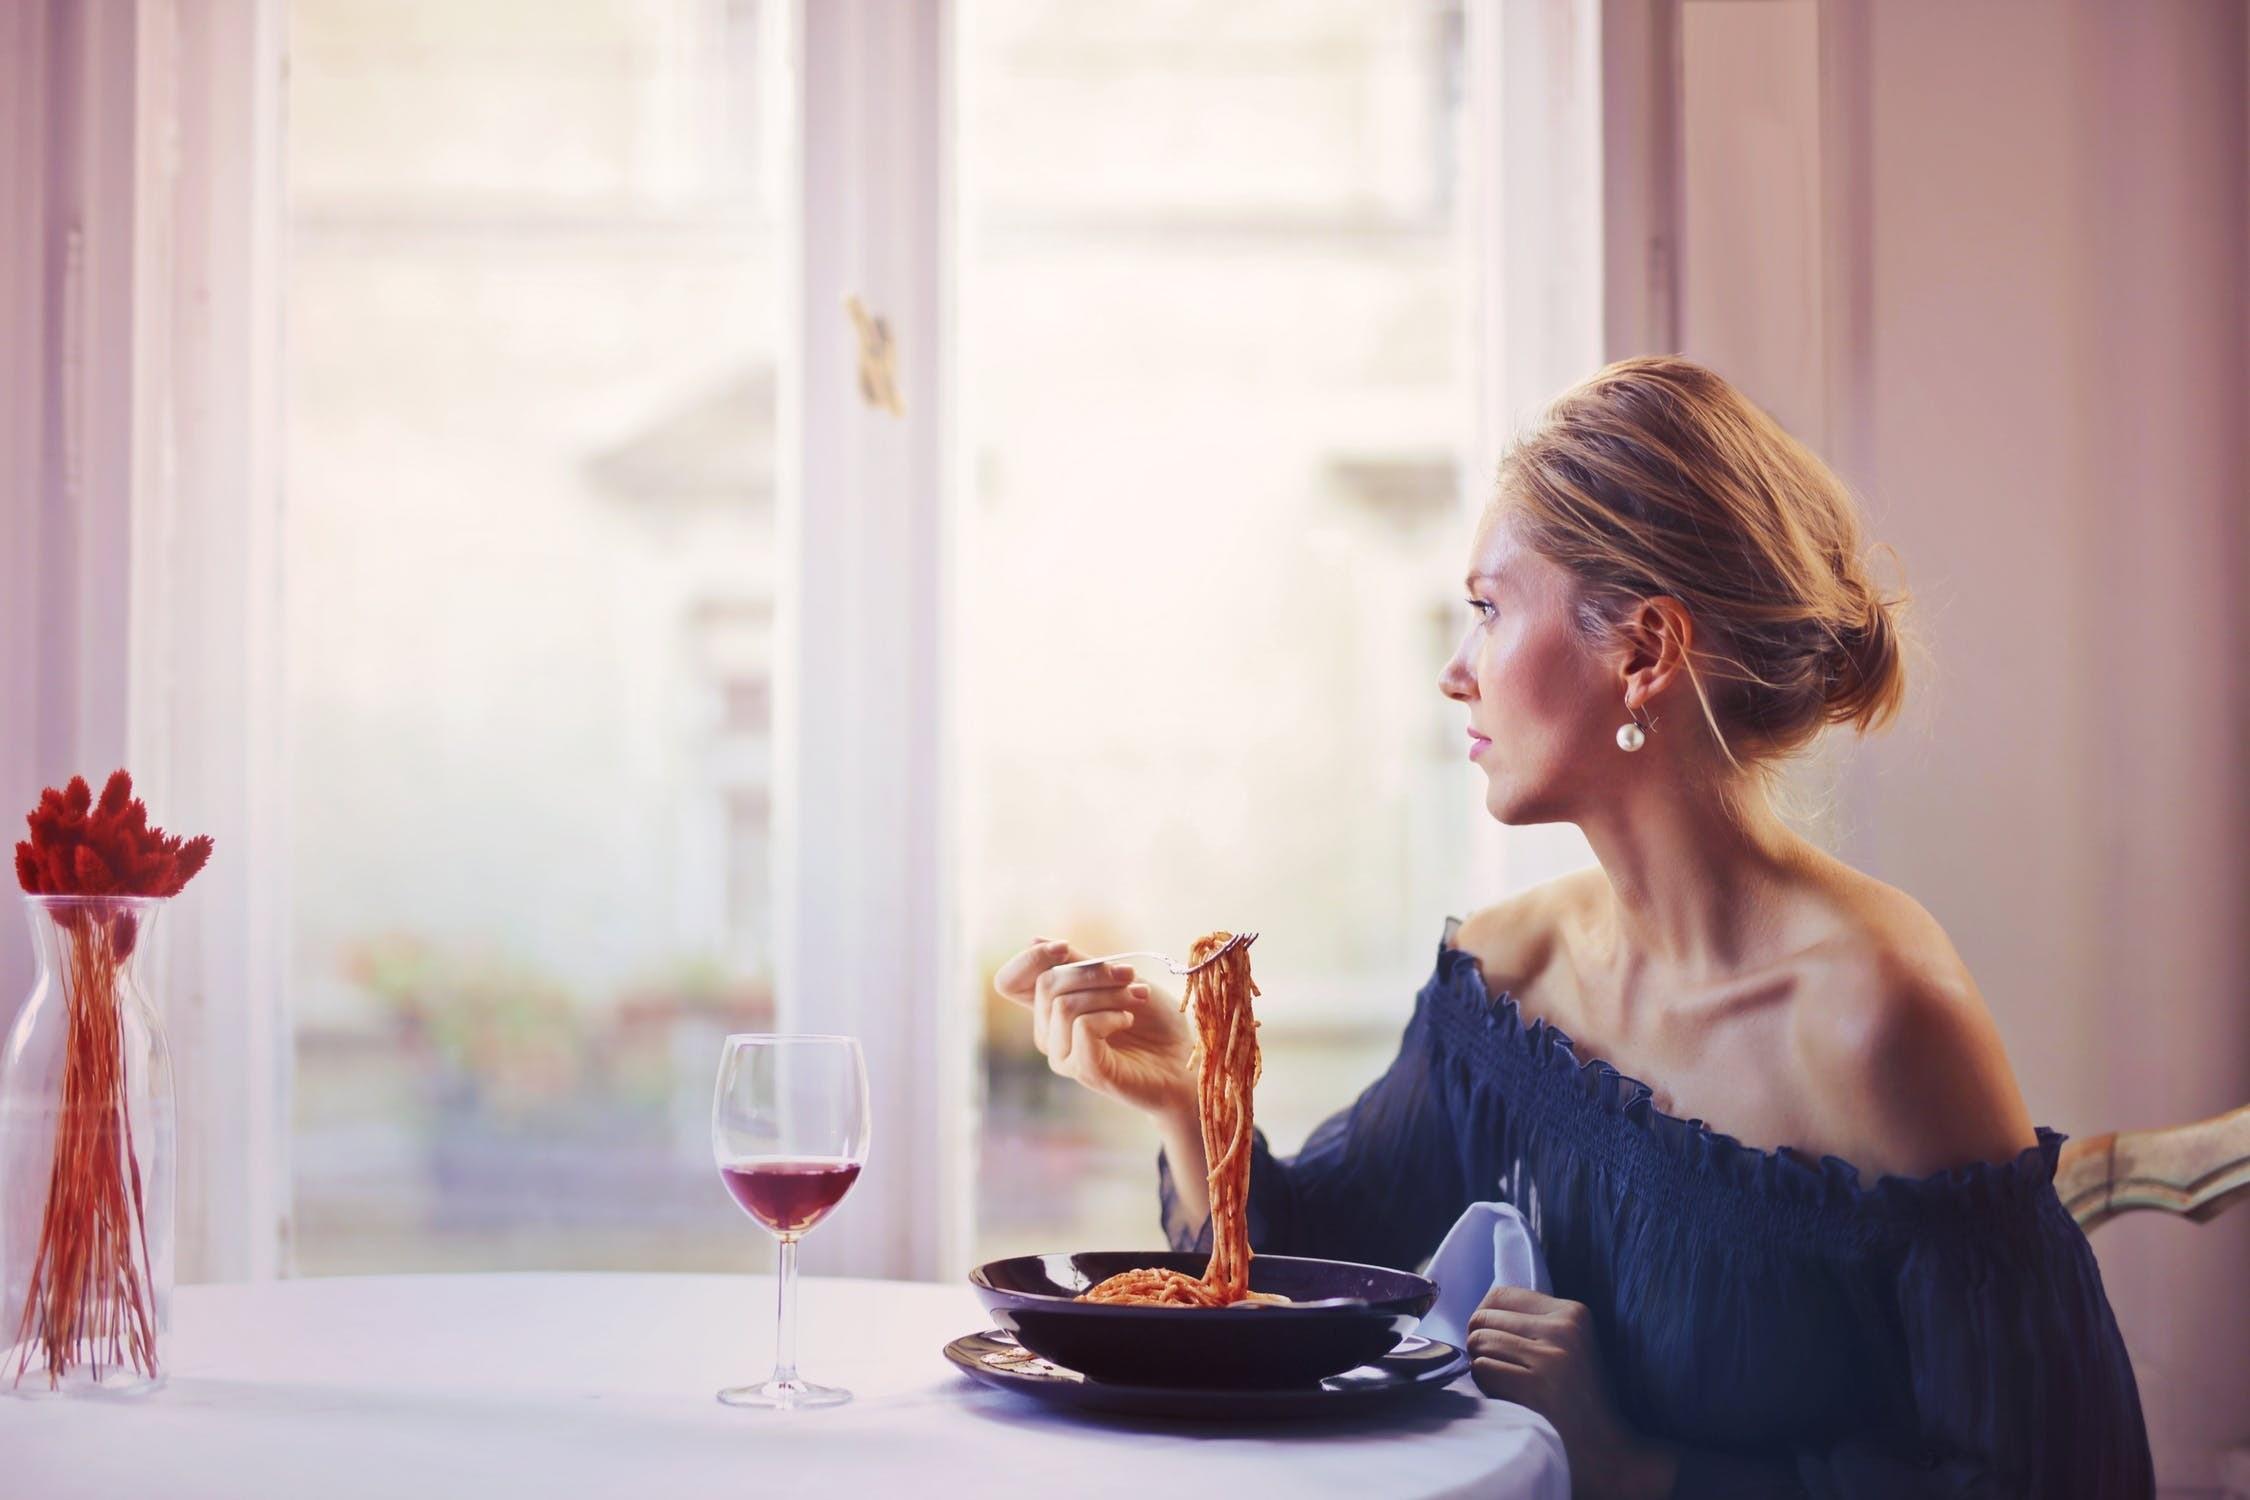 Объясняет диетолог: 3 причины, почему категорически нельзя пропускать обед